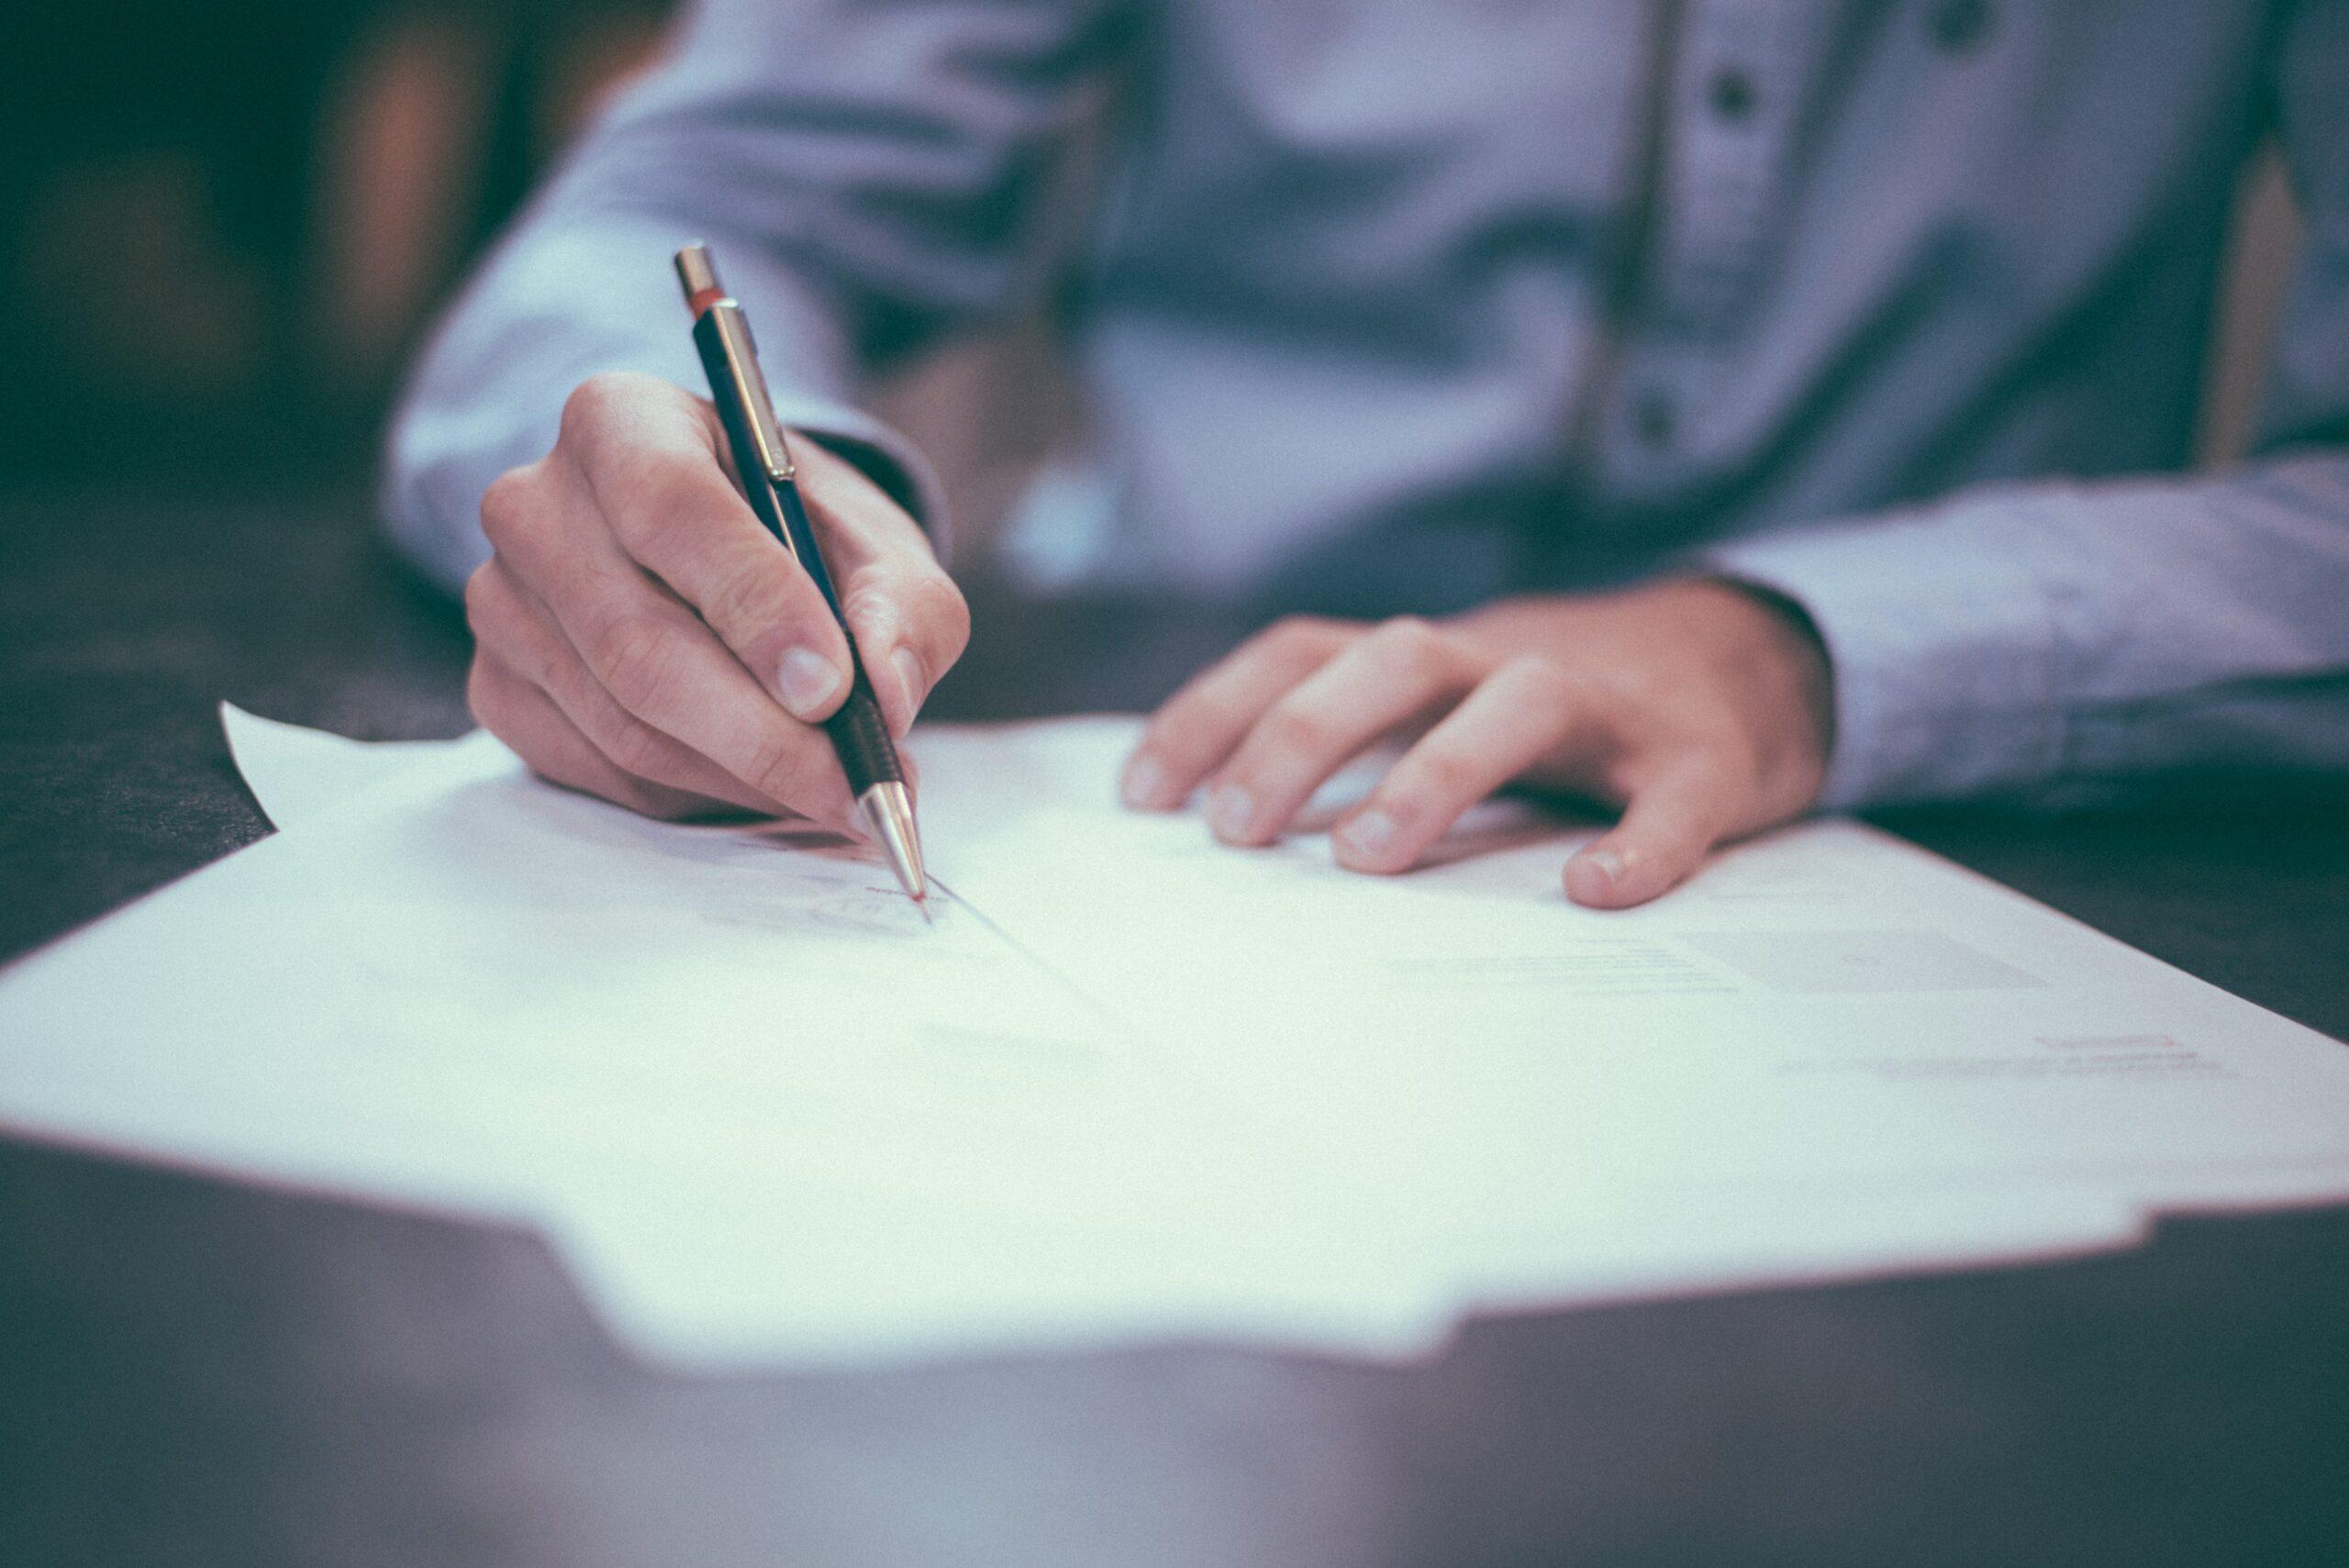 Contratos com Organizações Sociais no setor da saúde precisam de mudanças